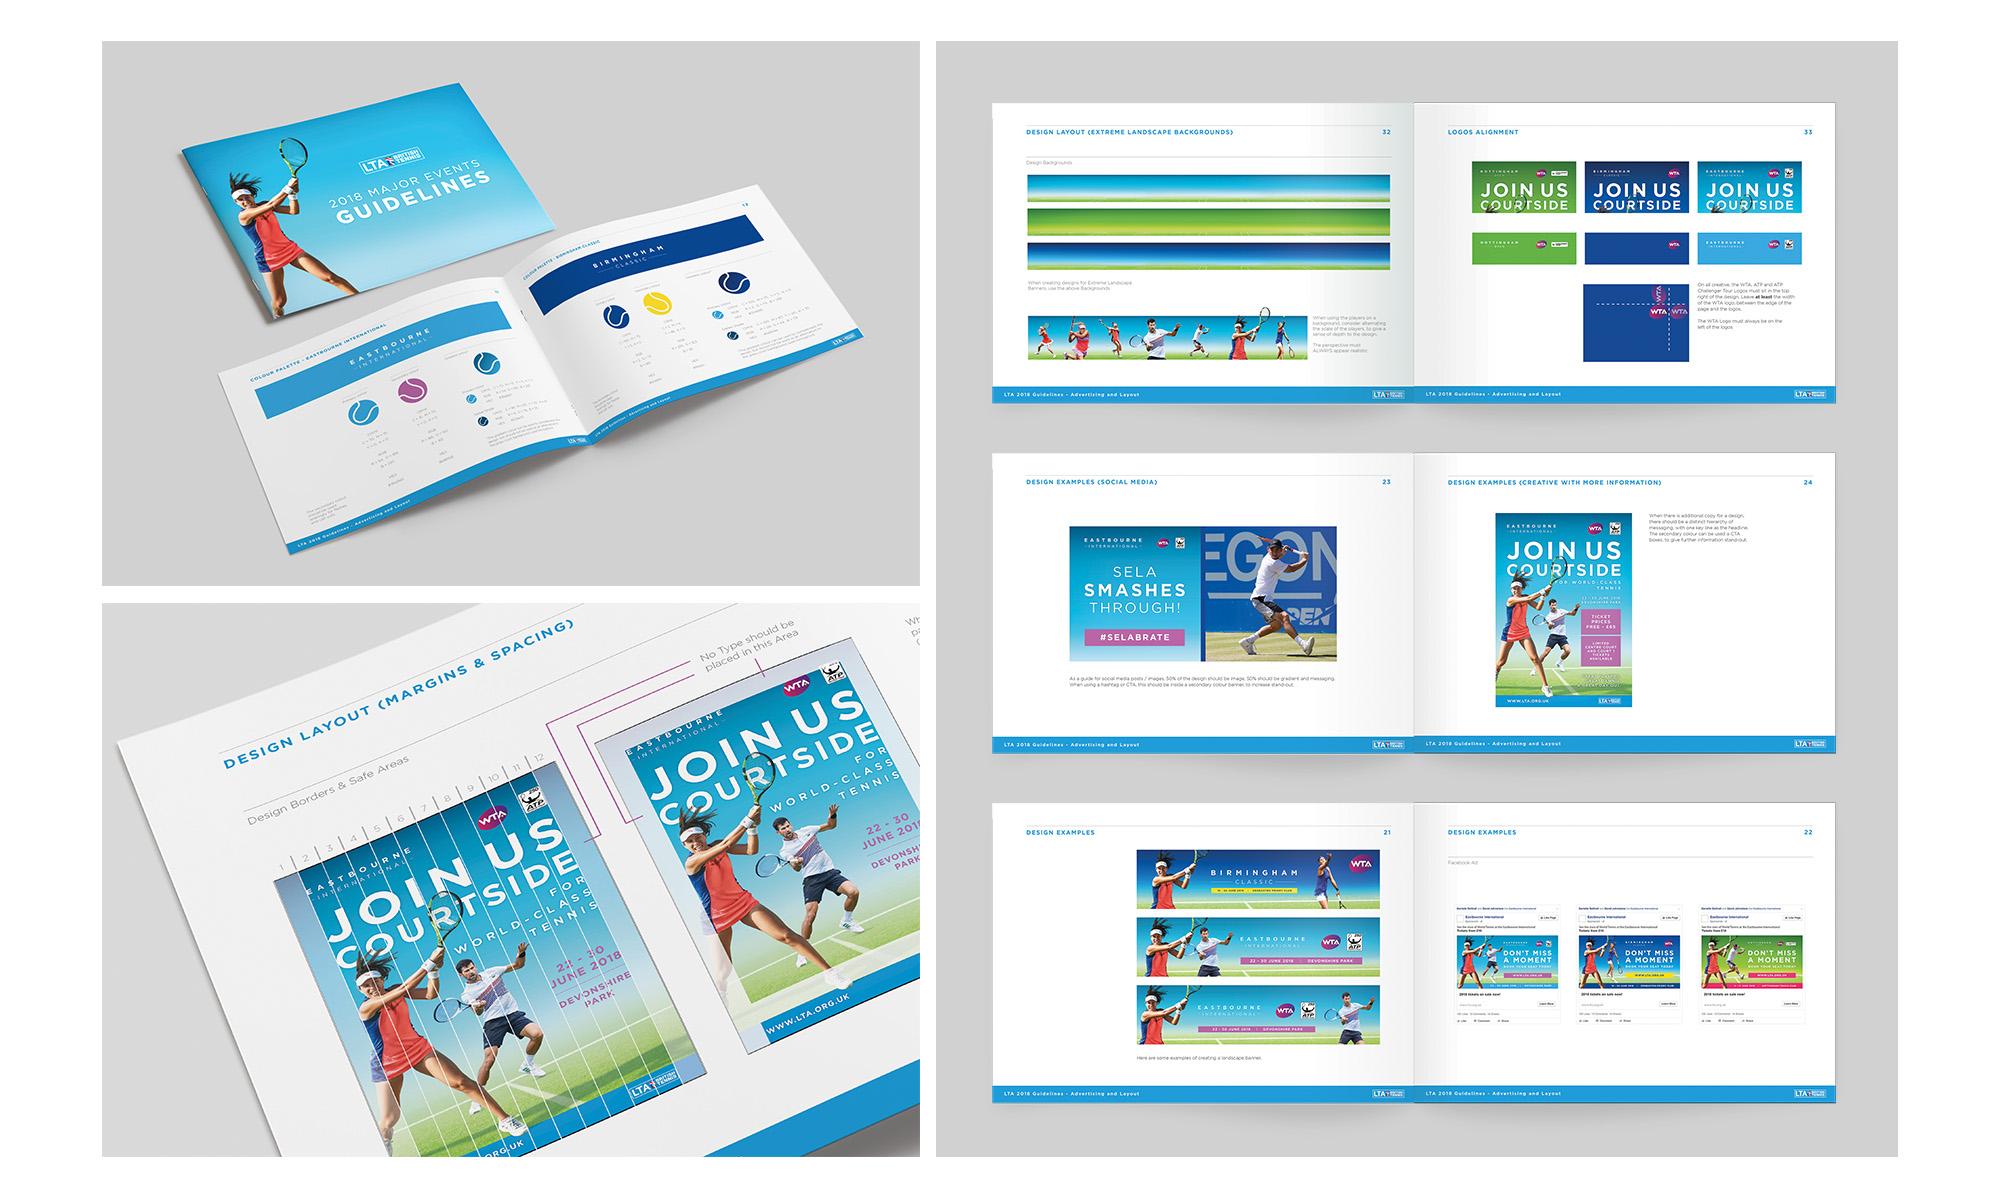 LTA_Tennis_Guidelines.jpg